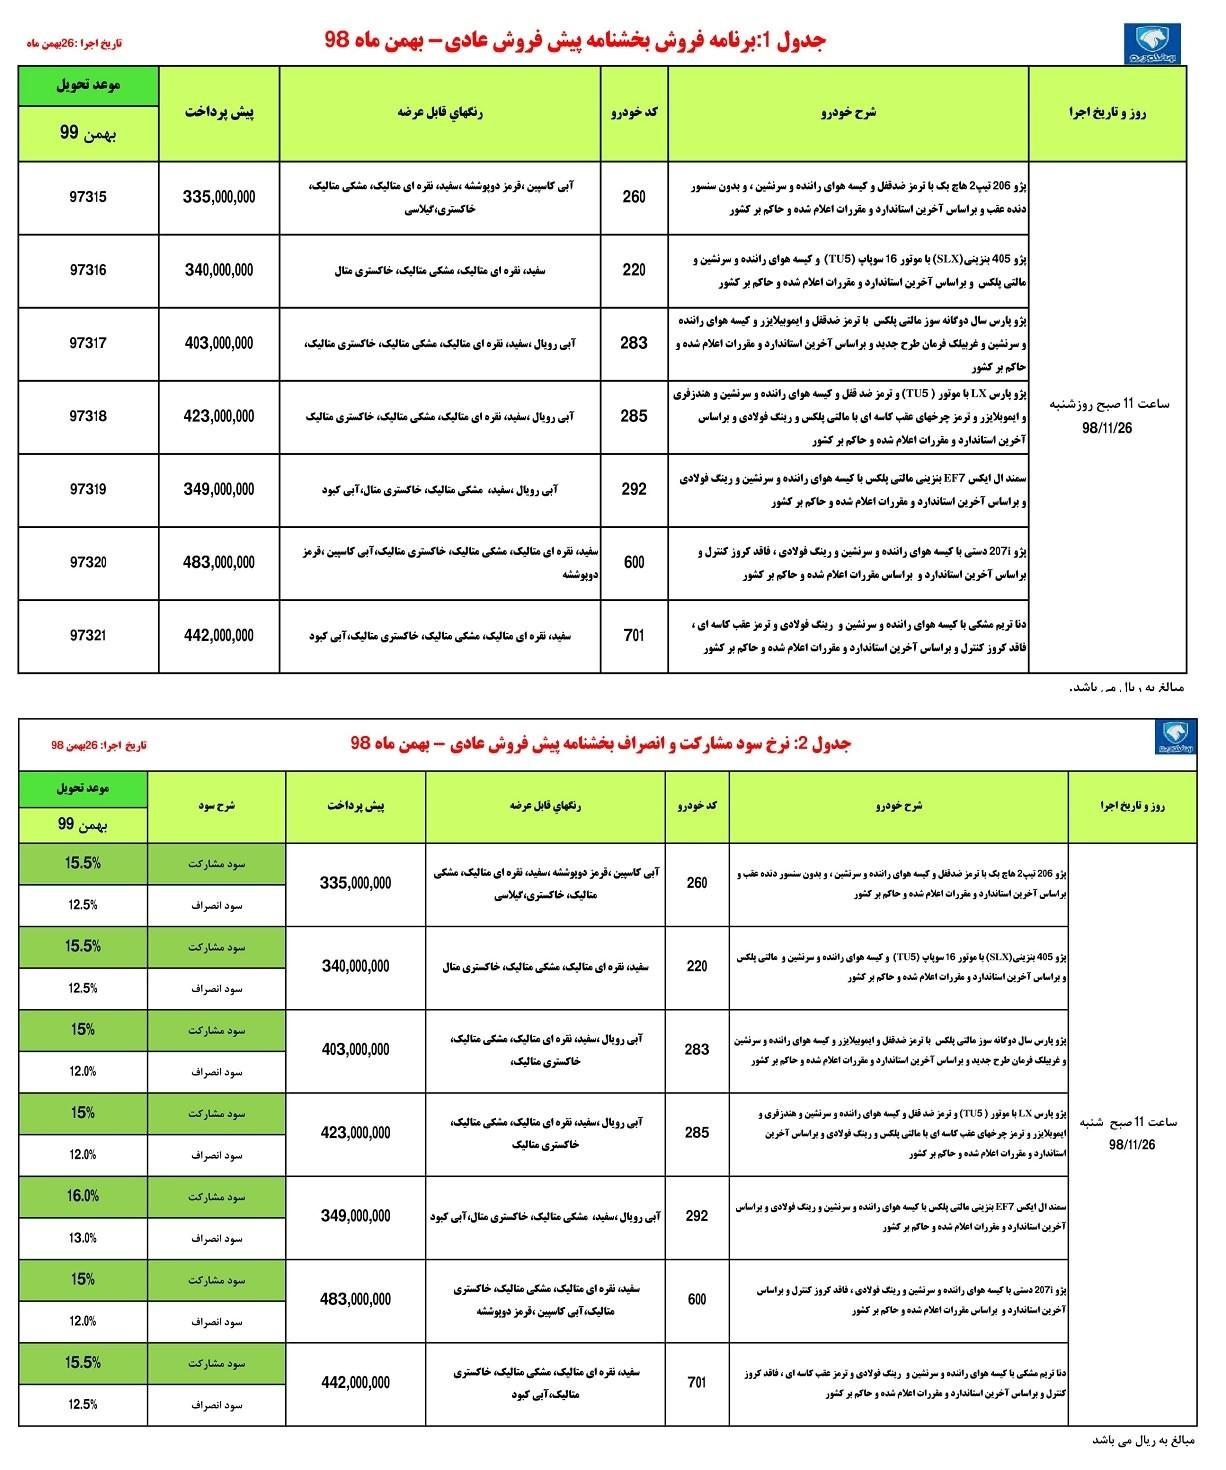 طرح جدید پیش فروش محصولات ایران خودرو - ۲۶ بهمن ۹۸+جدول